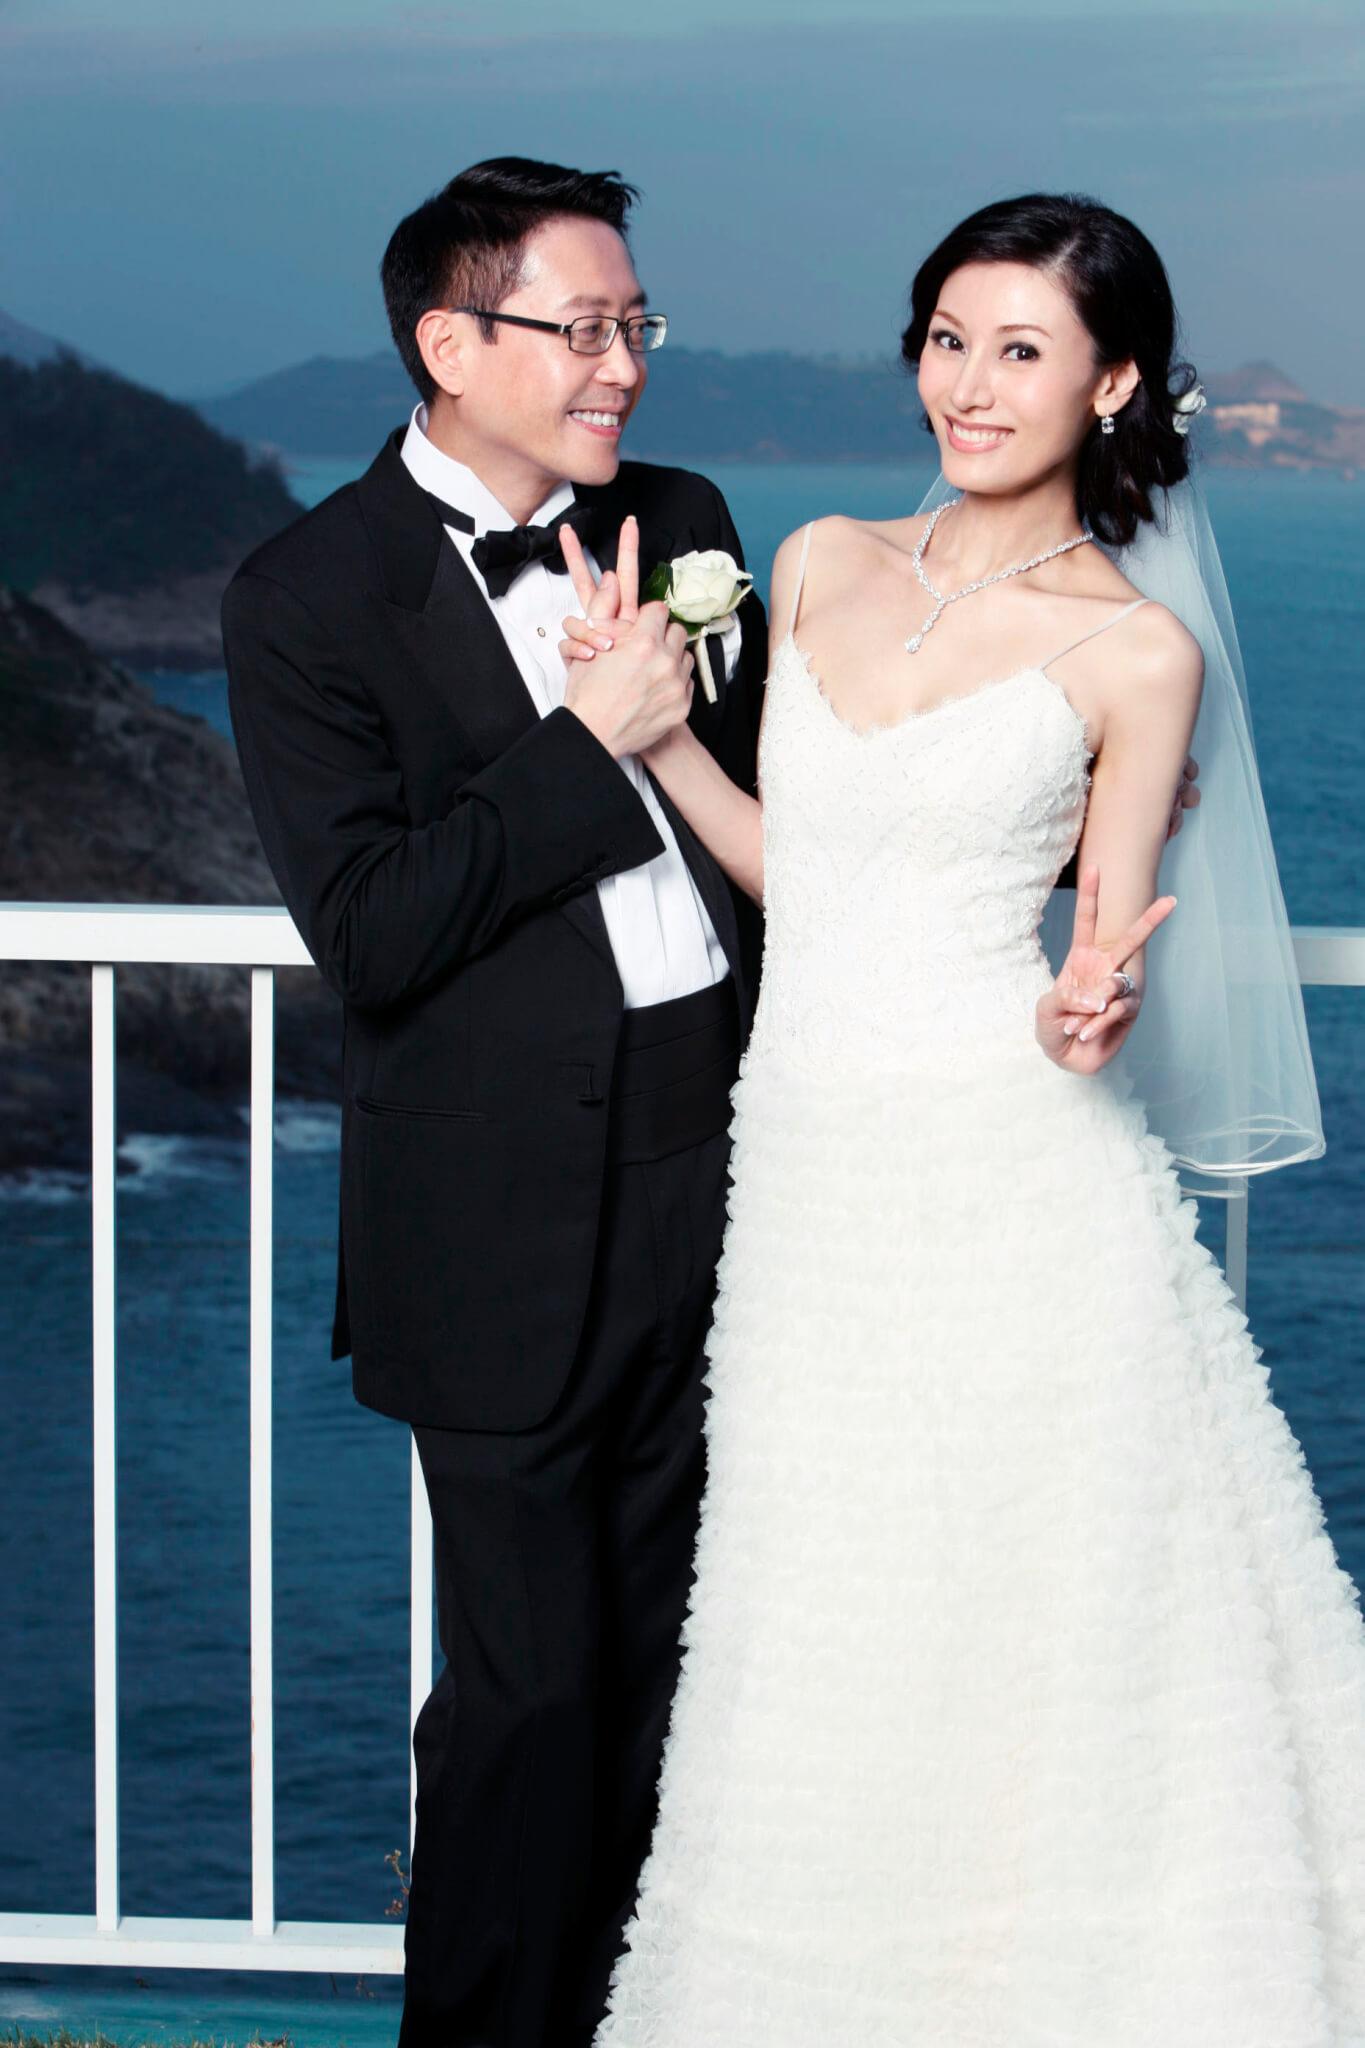 2008年10月28日,李嘉欣與許晉亨在香港金鐘婚姻註冊處登記結婚,11月23日在許晉亨父親的別墅中舉行婚宴。